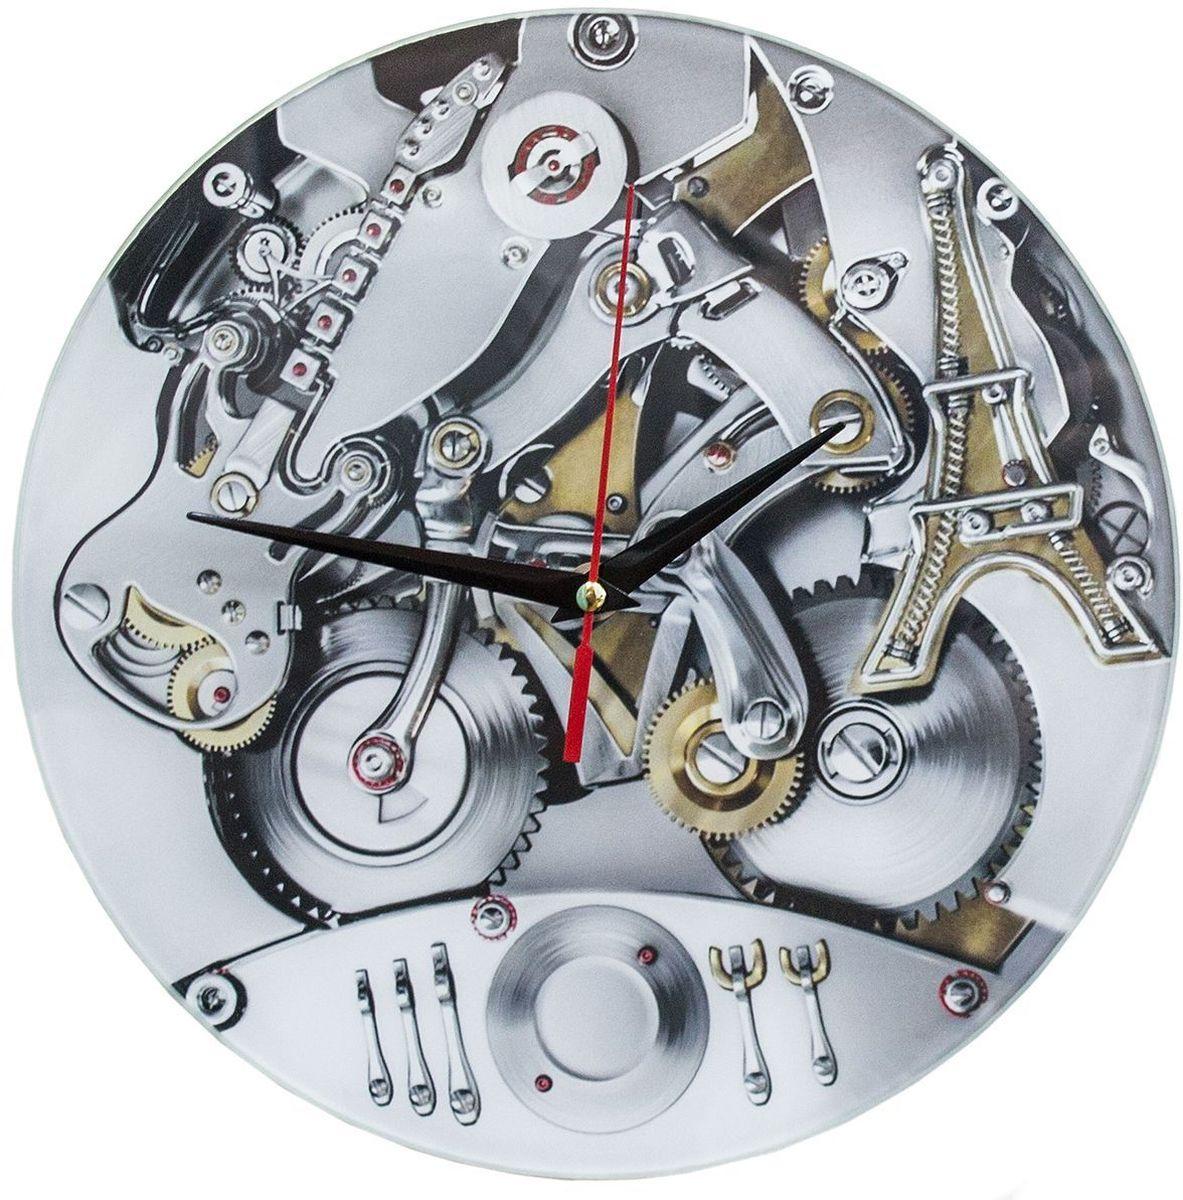 Часы настенные Эврика Механизм98110Оригинальные часы Эврика Механизм круглой формы выполнены из стекла, с механизмом бесшумного хода. Часы имеют три стрелки - часовую, минутную и секундную. Необычное дизайнерское решение и качество исполнения придутся по вкусу каждому.Часы работают от 1 батарейки типа АА напряжением 1,5 В.